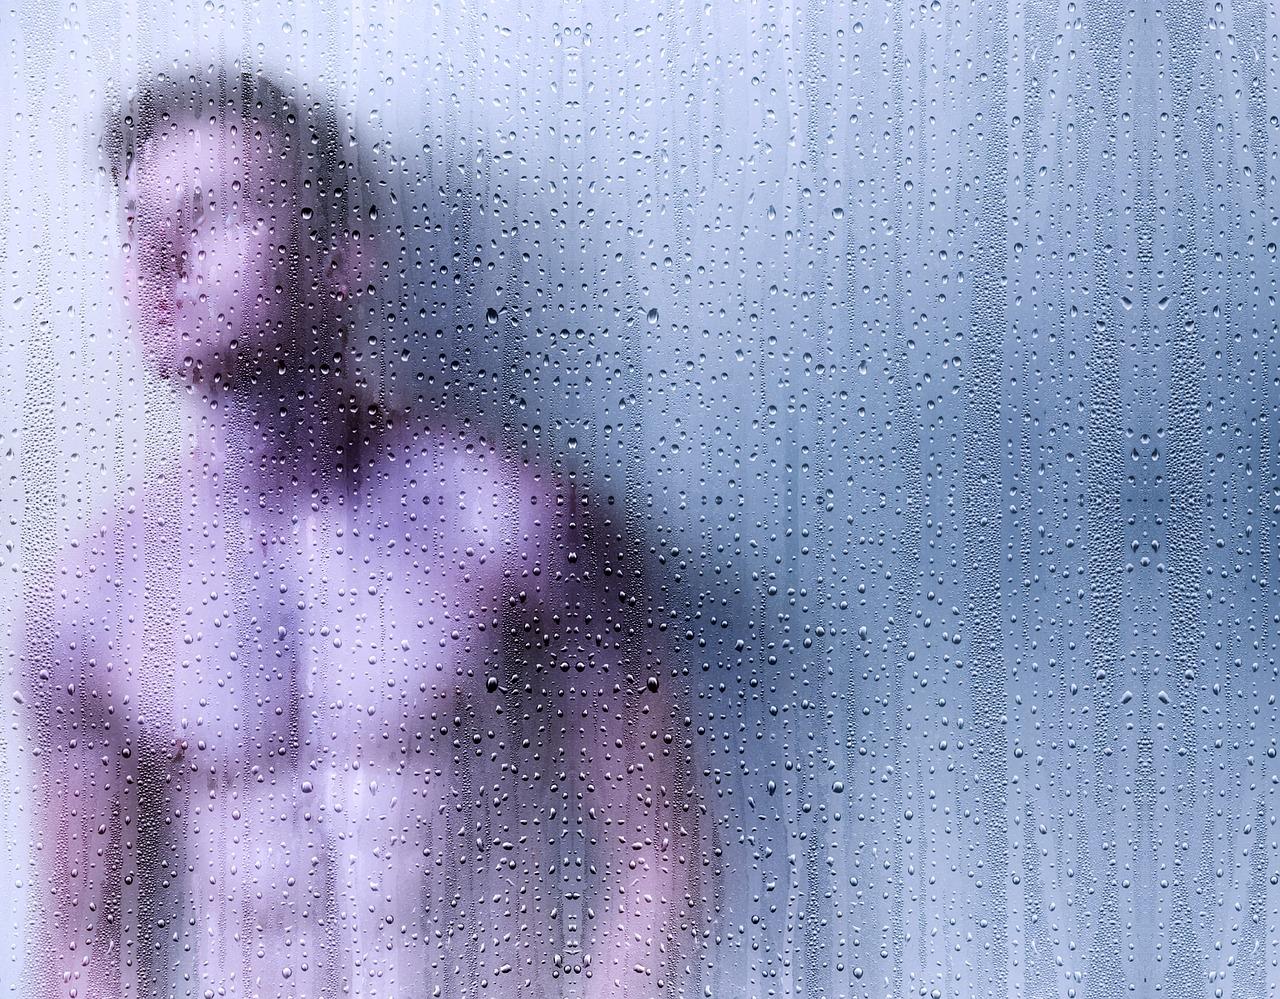 Showering Help Me